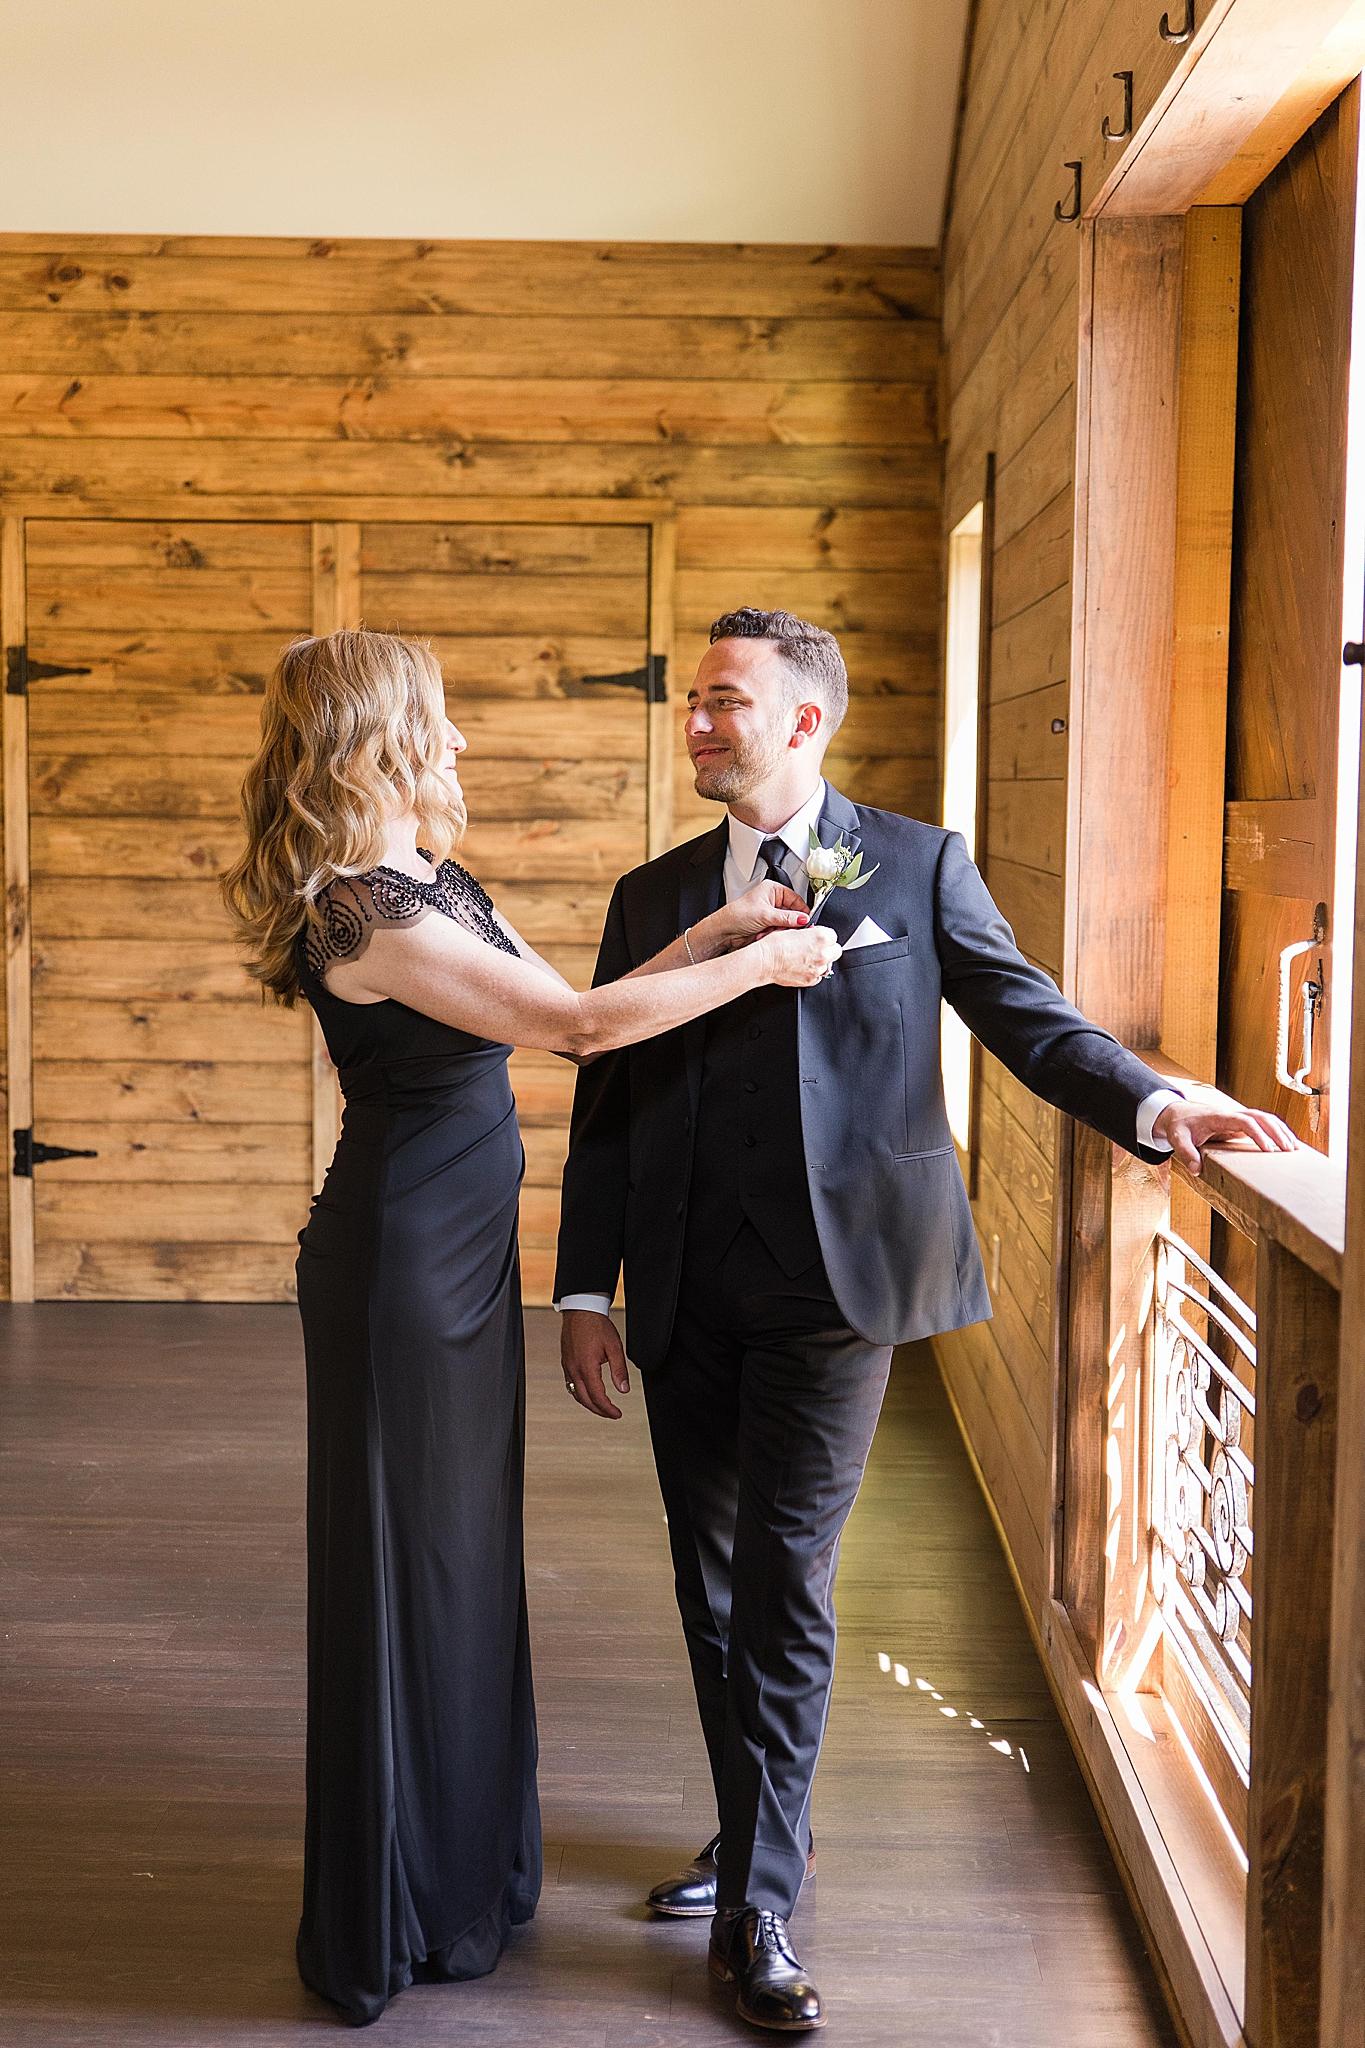 mother of groom adjusts boutonnière